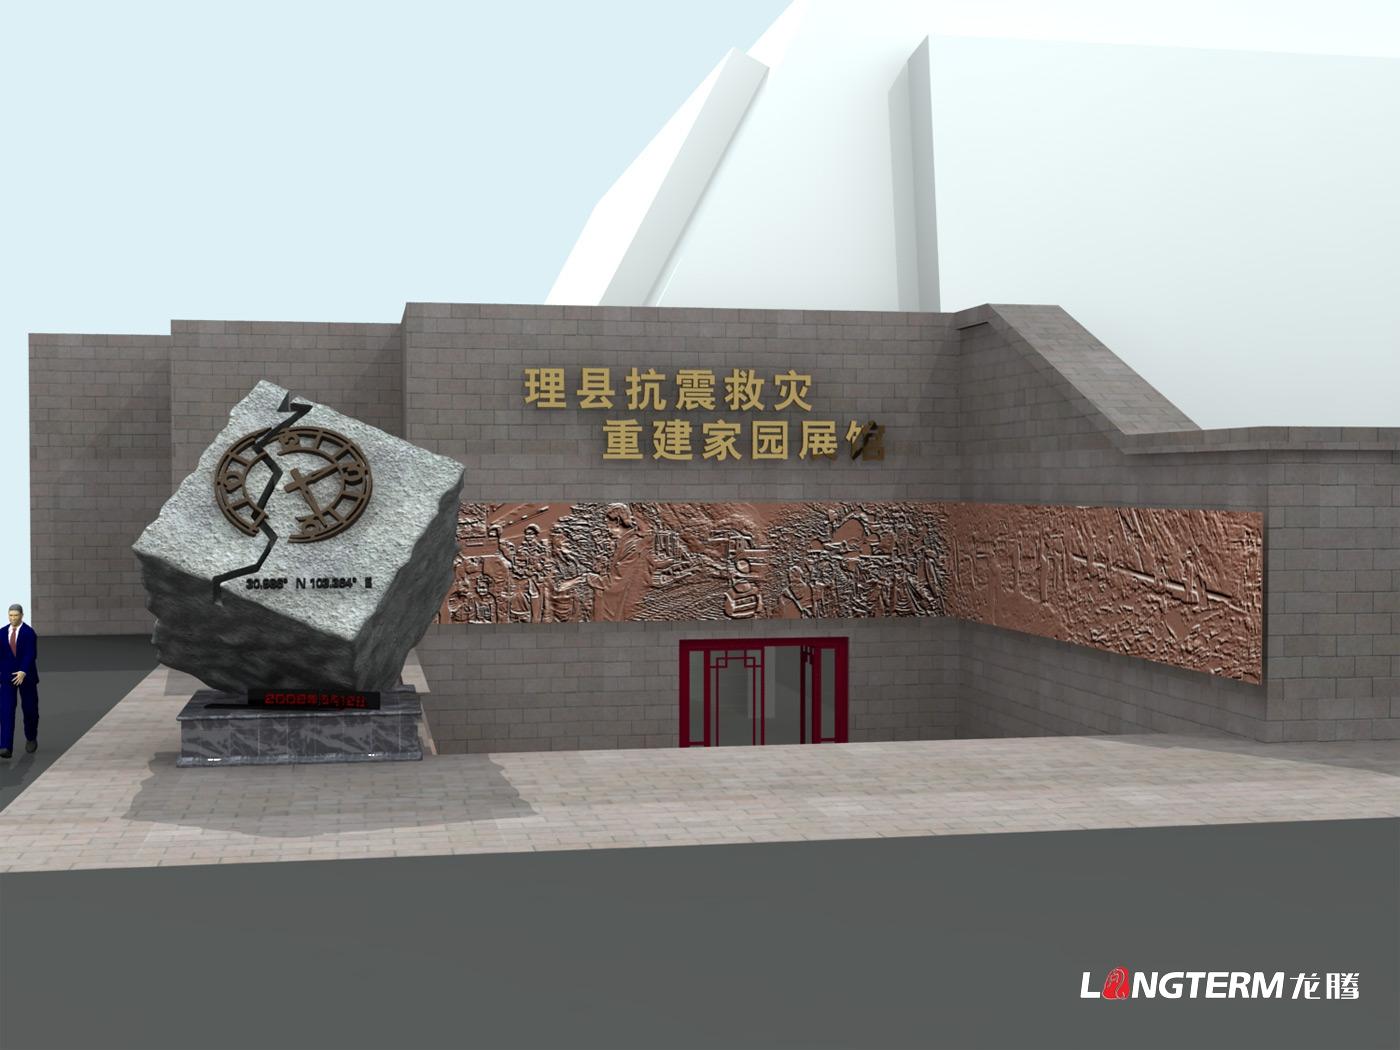 理县抗震救灾展厅设计重建家园展馆装修_四川阿坝藏族羌族自治州理县地震抗震救灾纪念馆设计